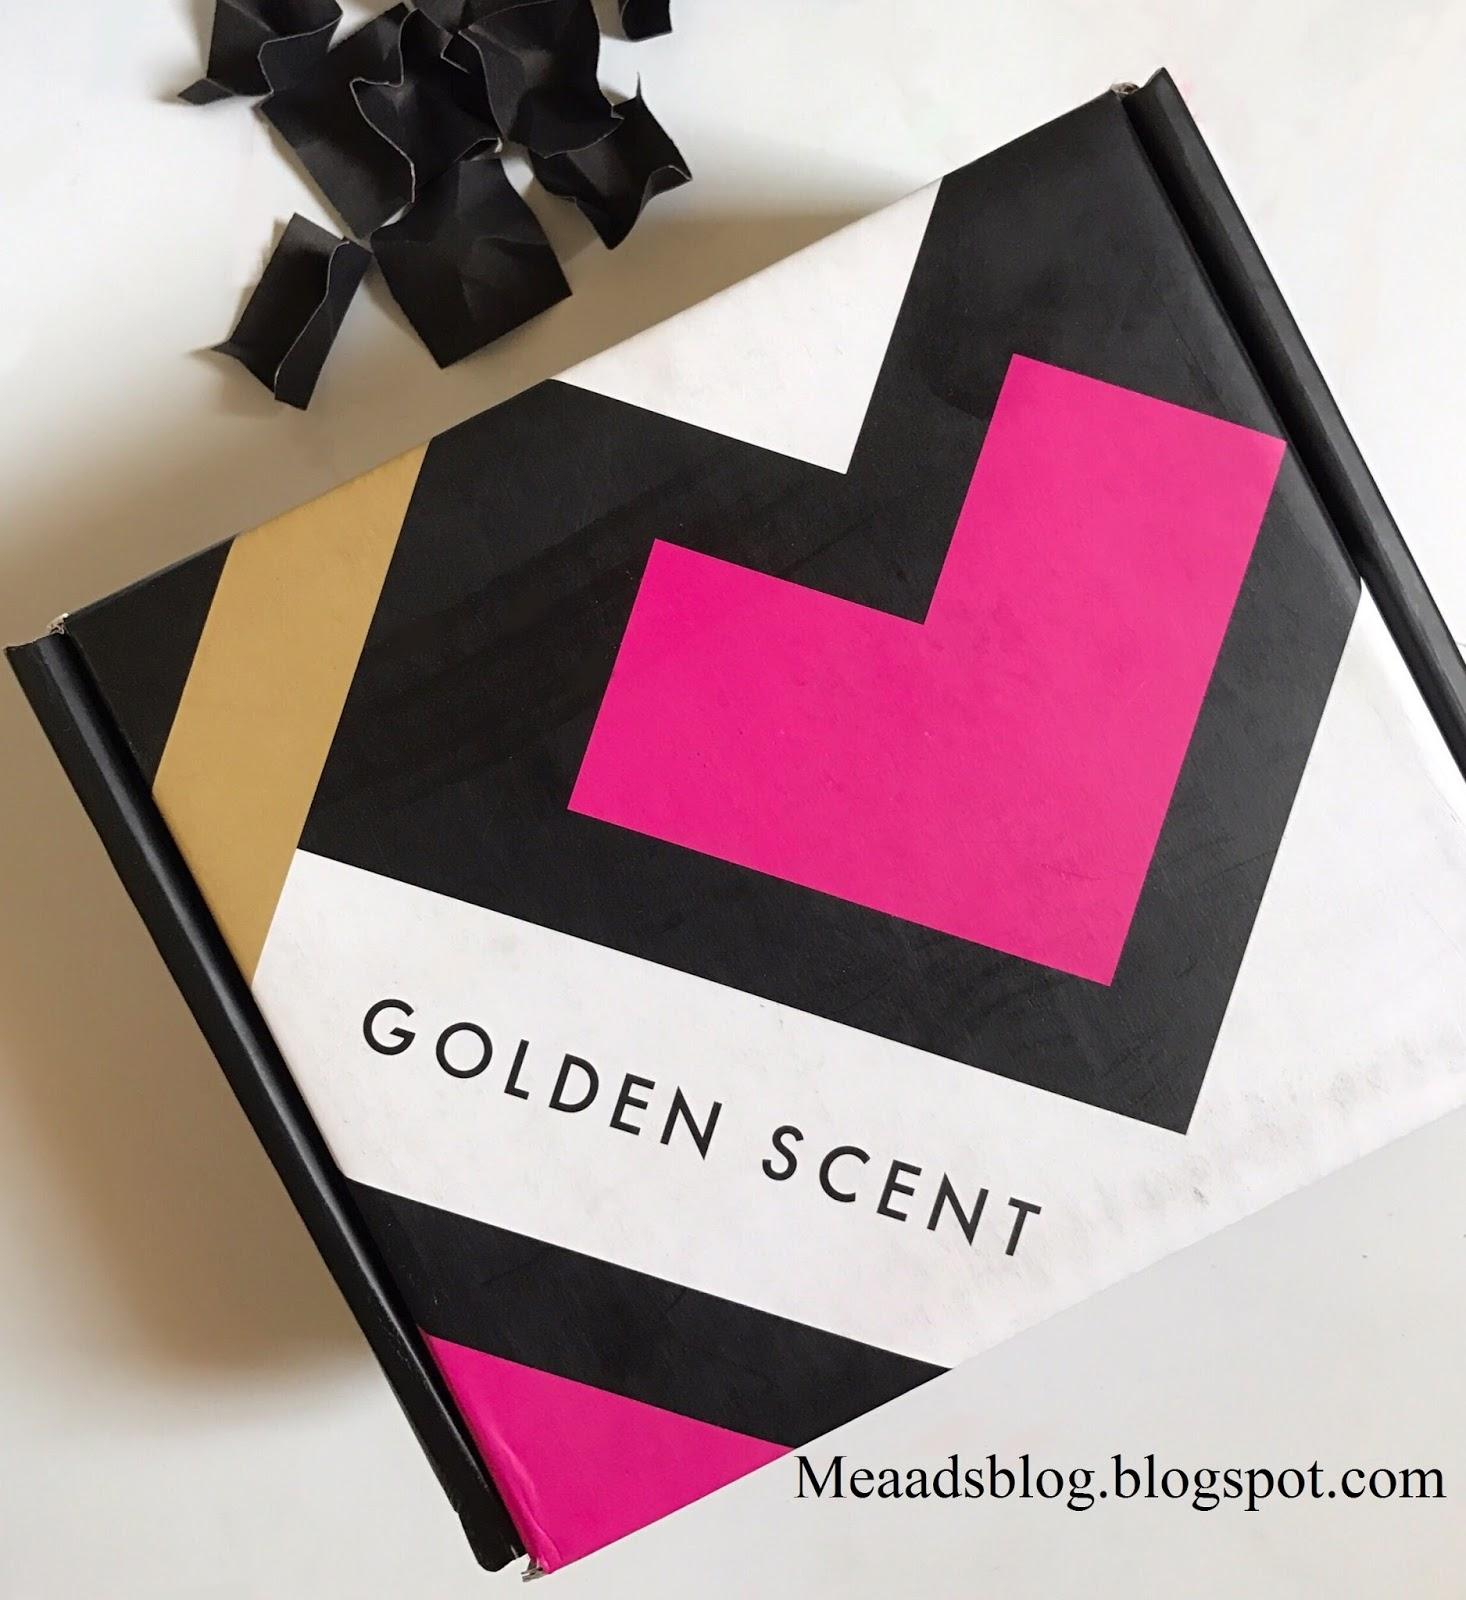 dab776c71 تجربتي للطلب من موقع قولدن سنت | Golden scent website / MEAAD's Blog